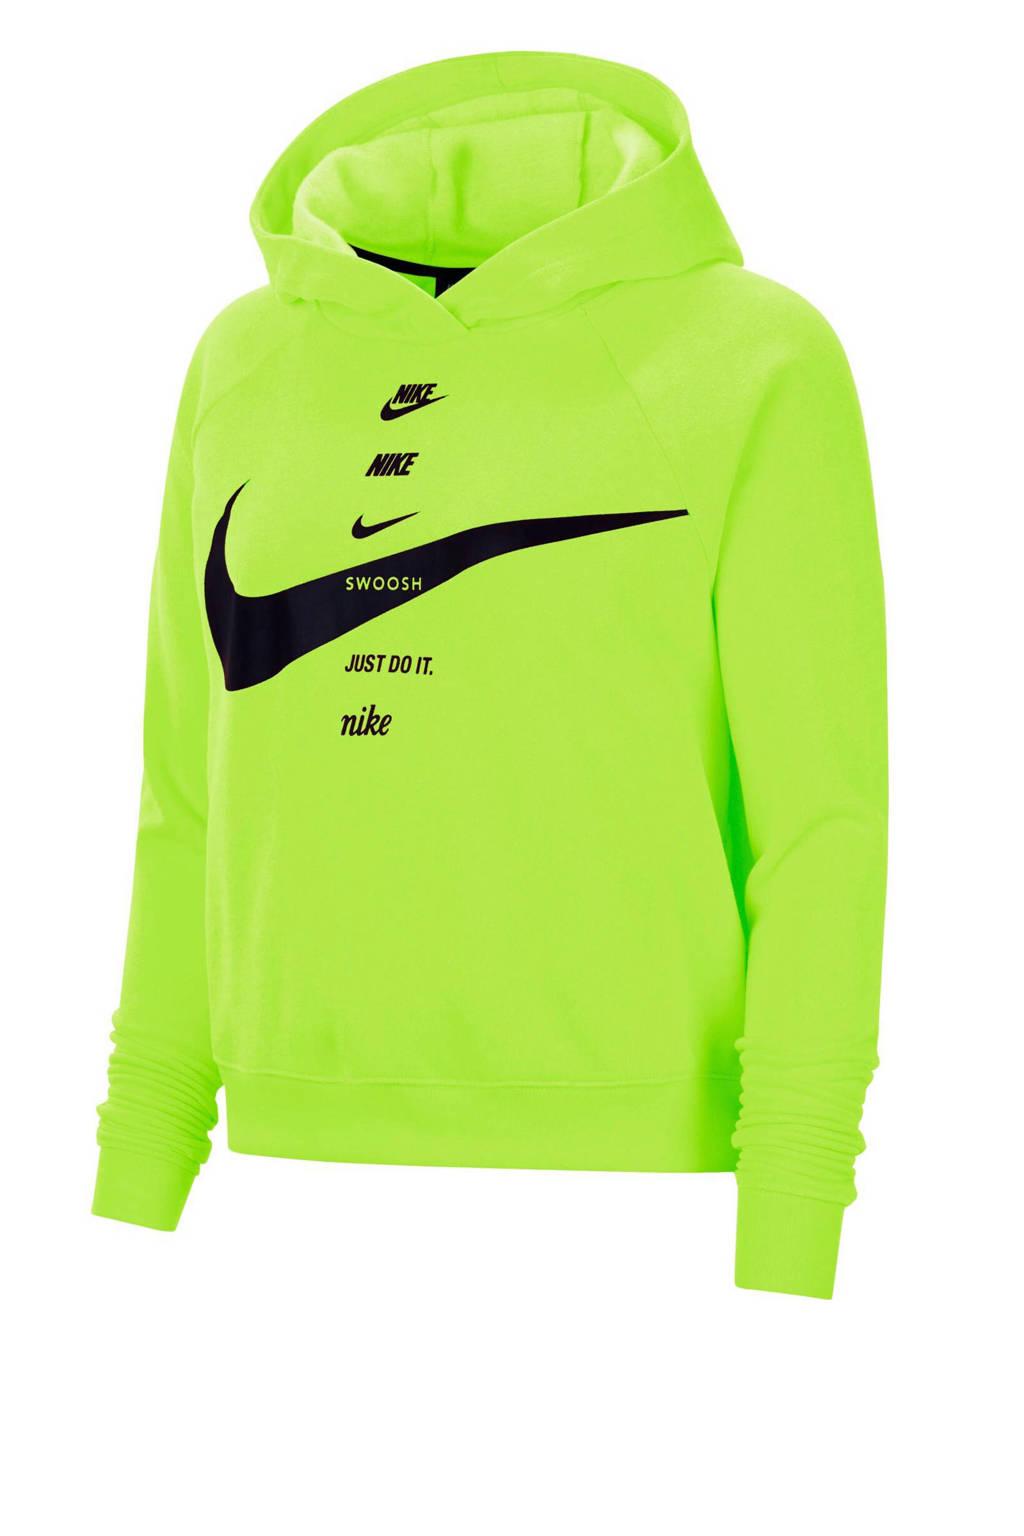 Nike hoodie limegroen/zwart, Limegroen/zwart